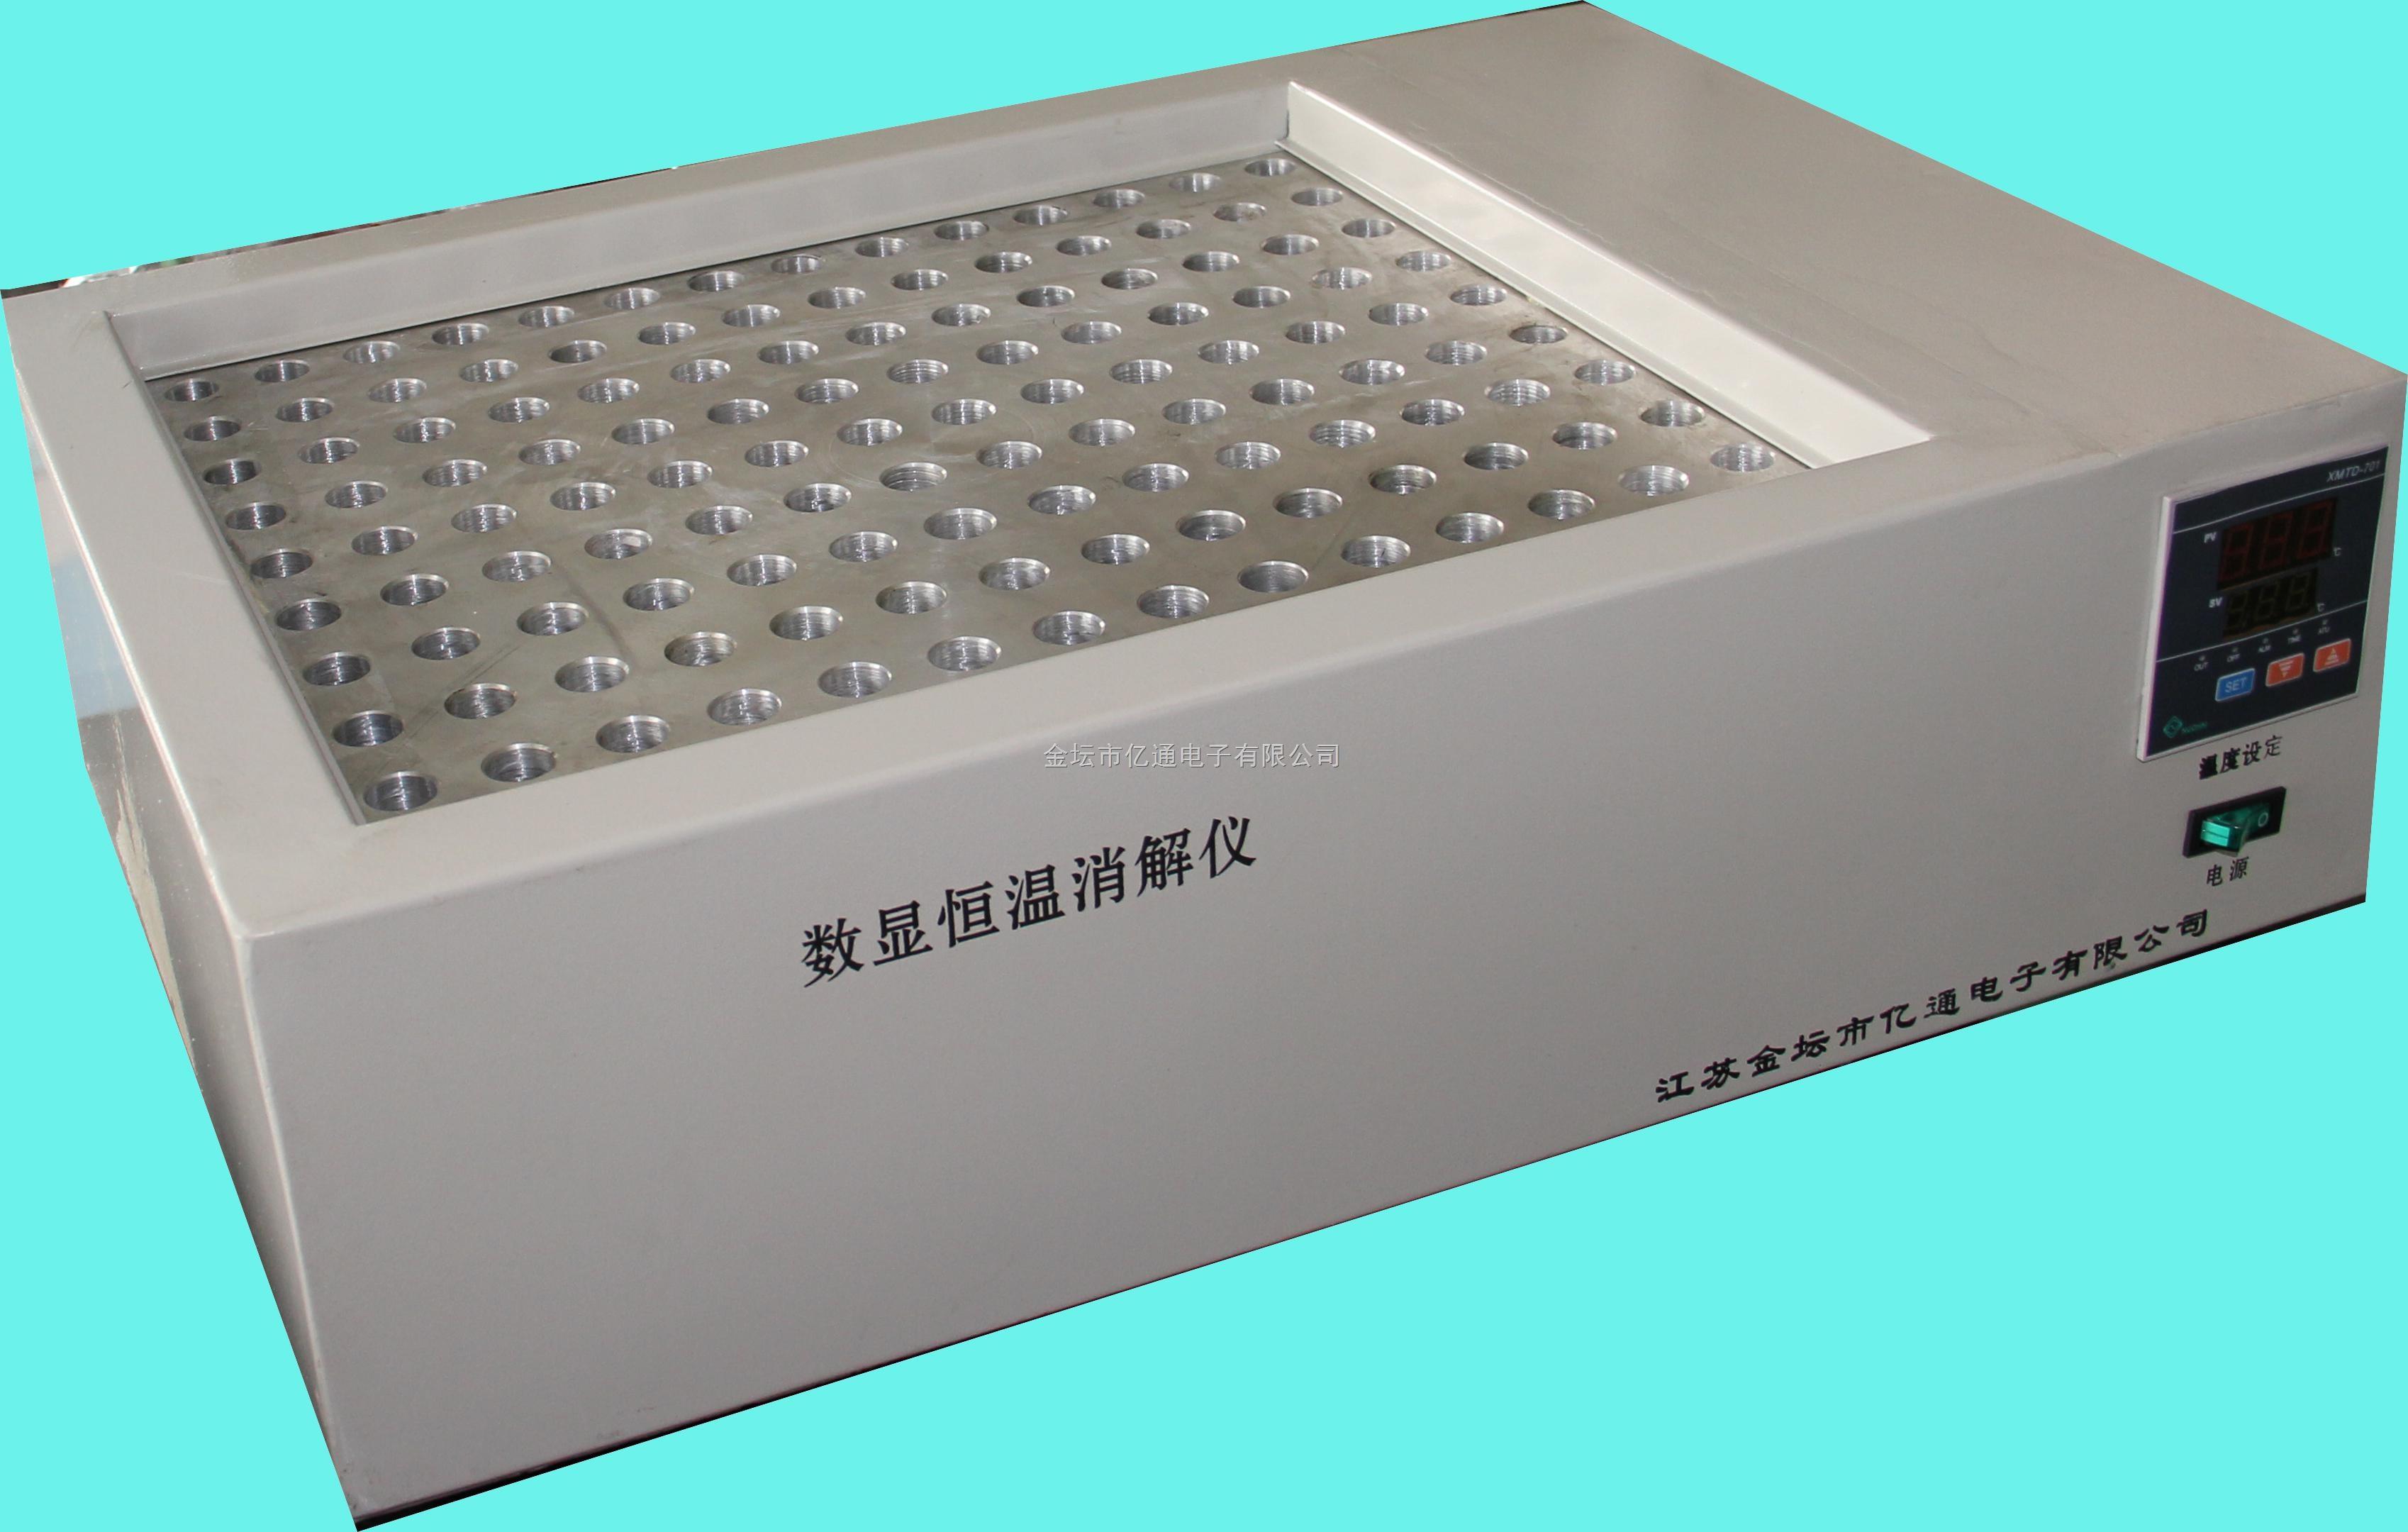 DTD-25型数字铝制恒温消解仪